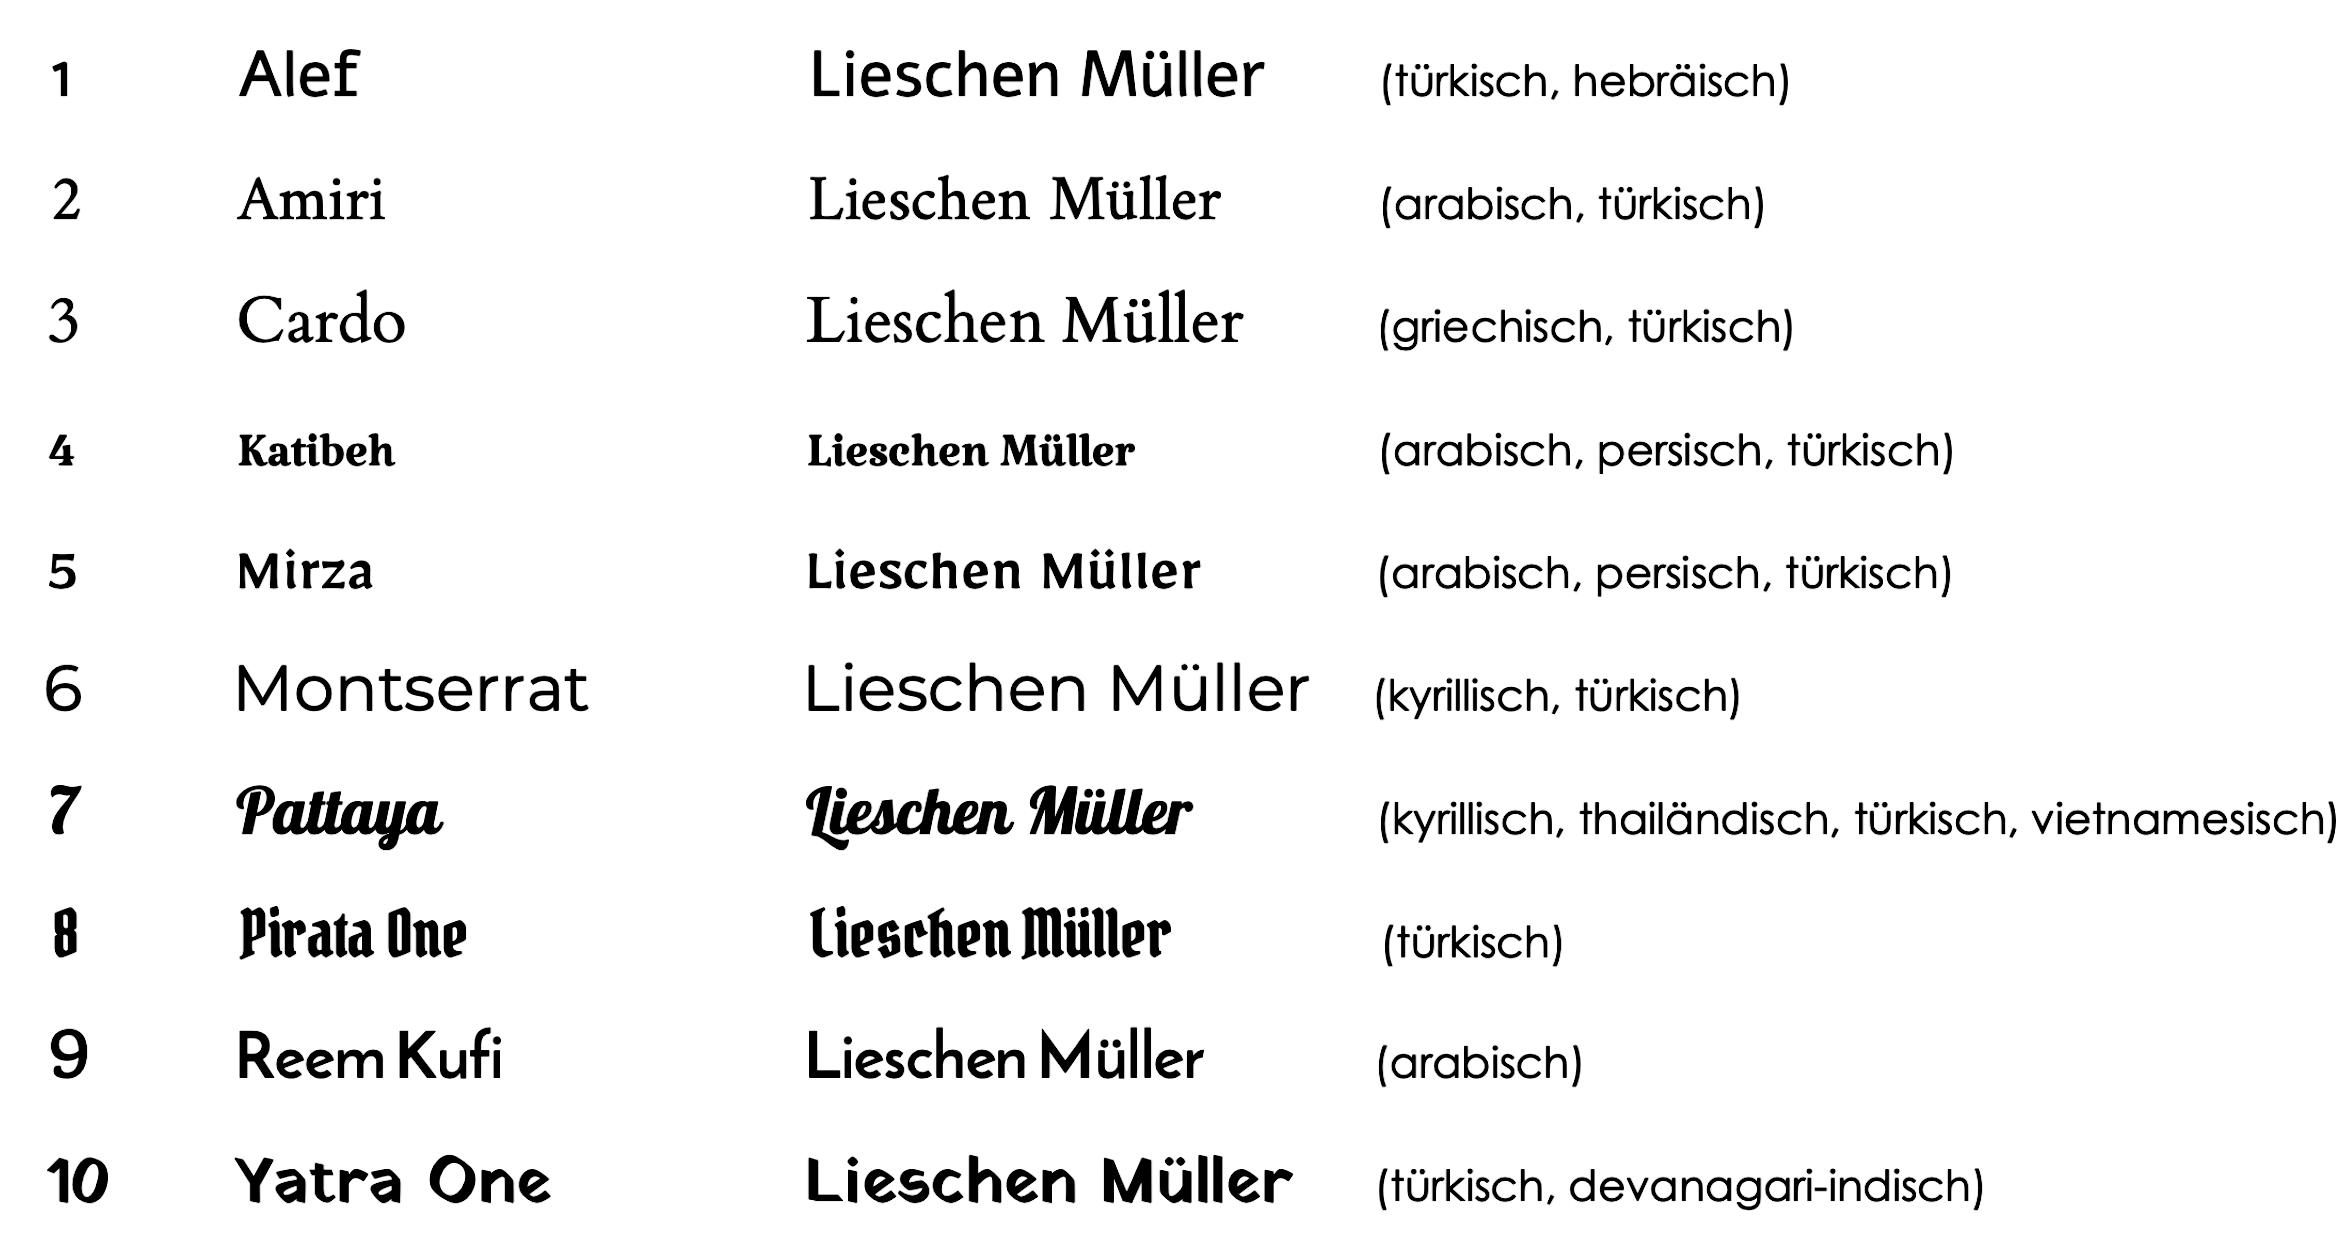 (Über das europäische hinaus können auch Buchstaben weiterer Sprachen abgebildet werden. Bitte beachten Sie hierfür die jeweiligen Anmerkungen.)